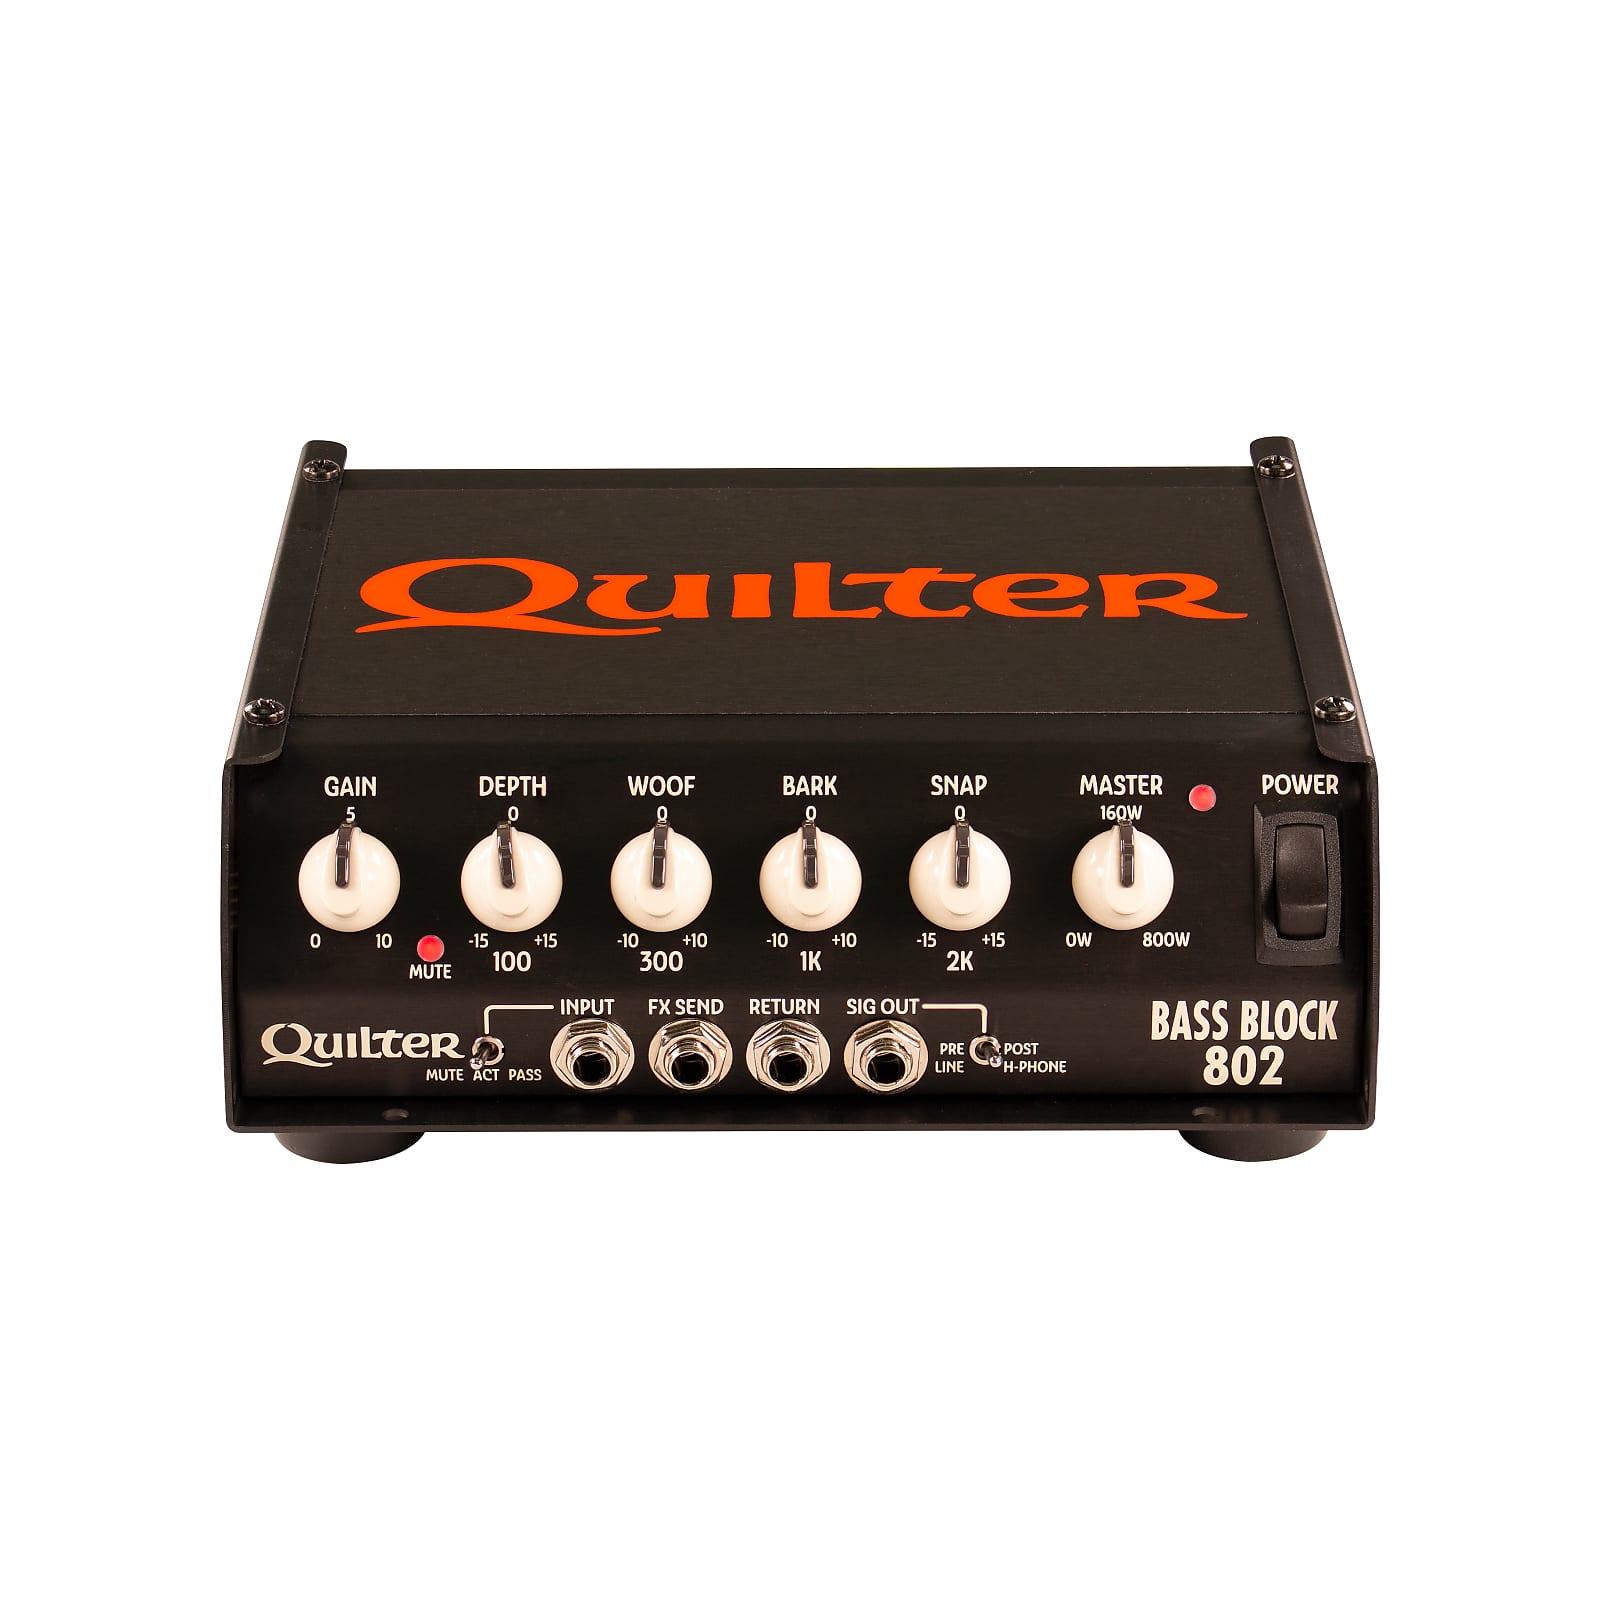 Quilter Bass Block 802 800W Bass Amplifier Head